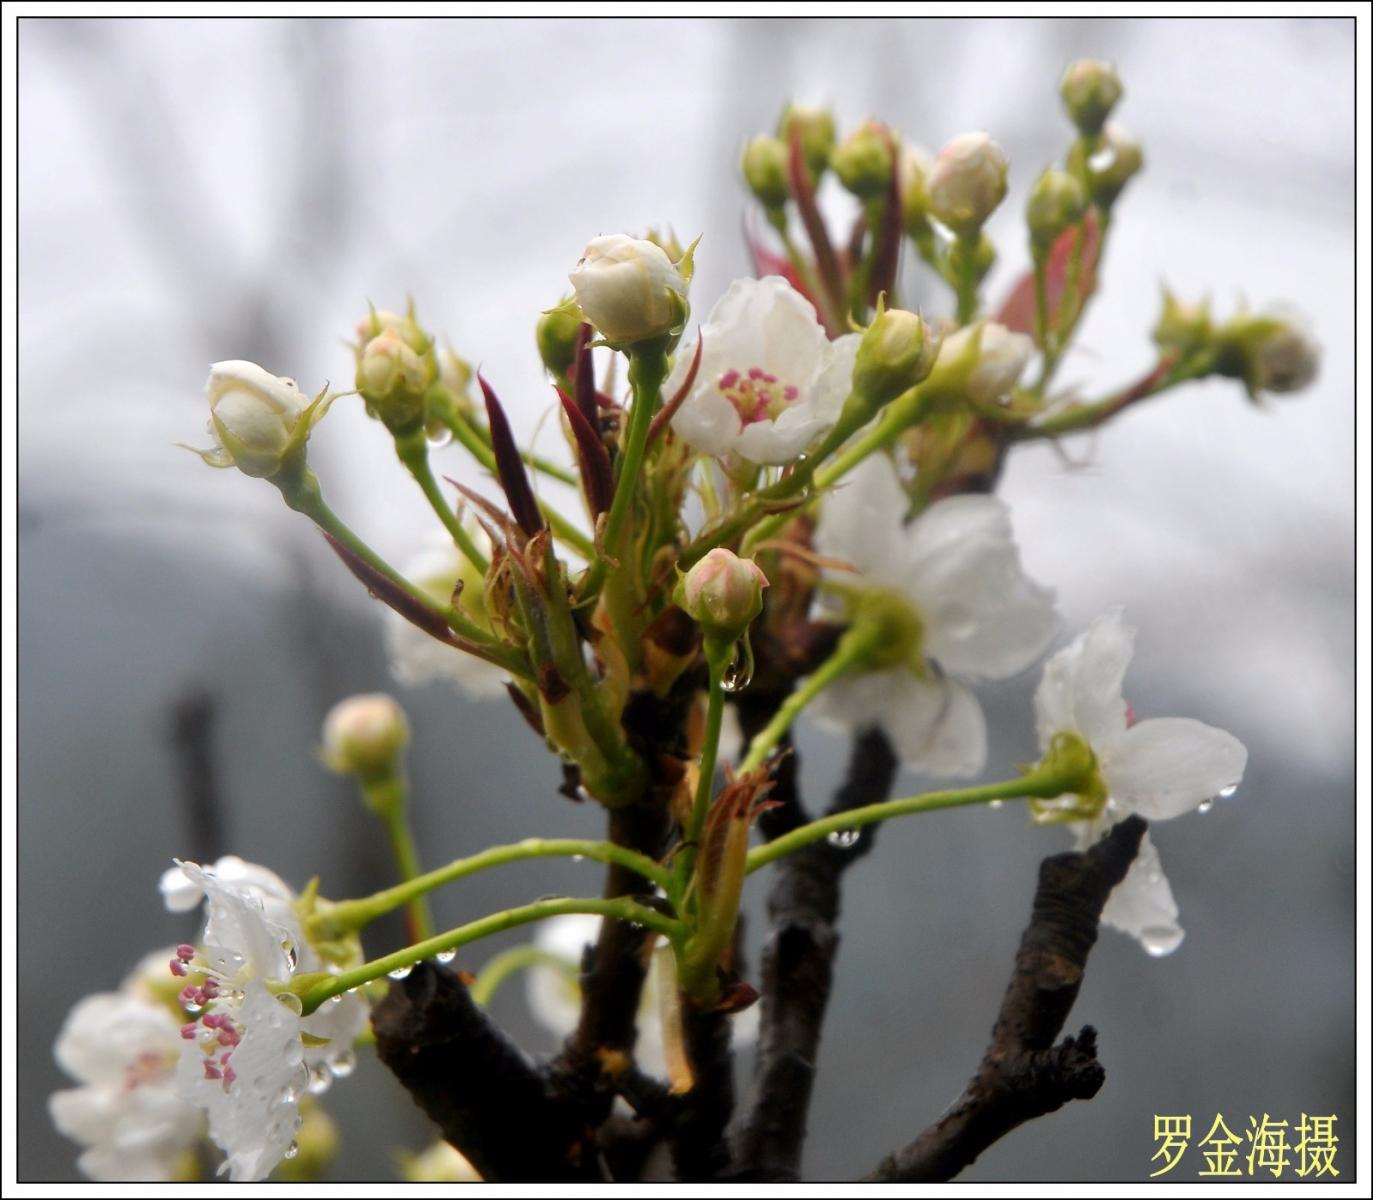 美丽中国,我是行动者(诗歌)_图1-1